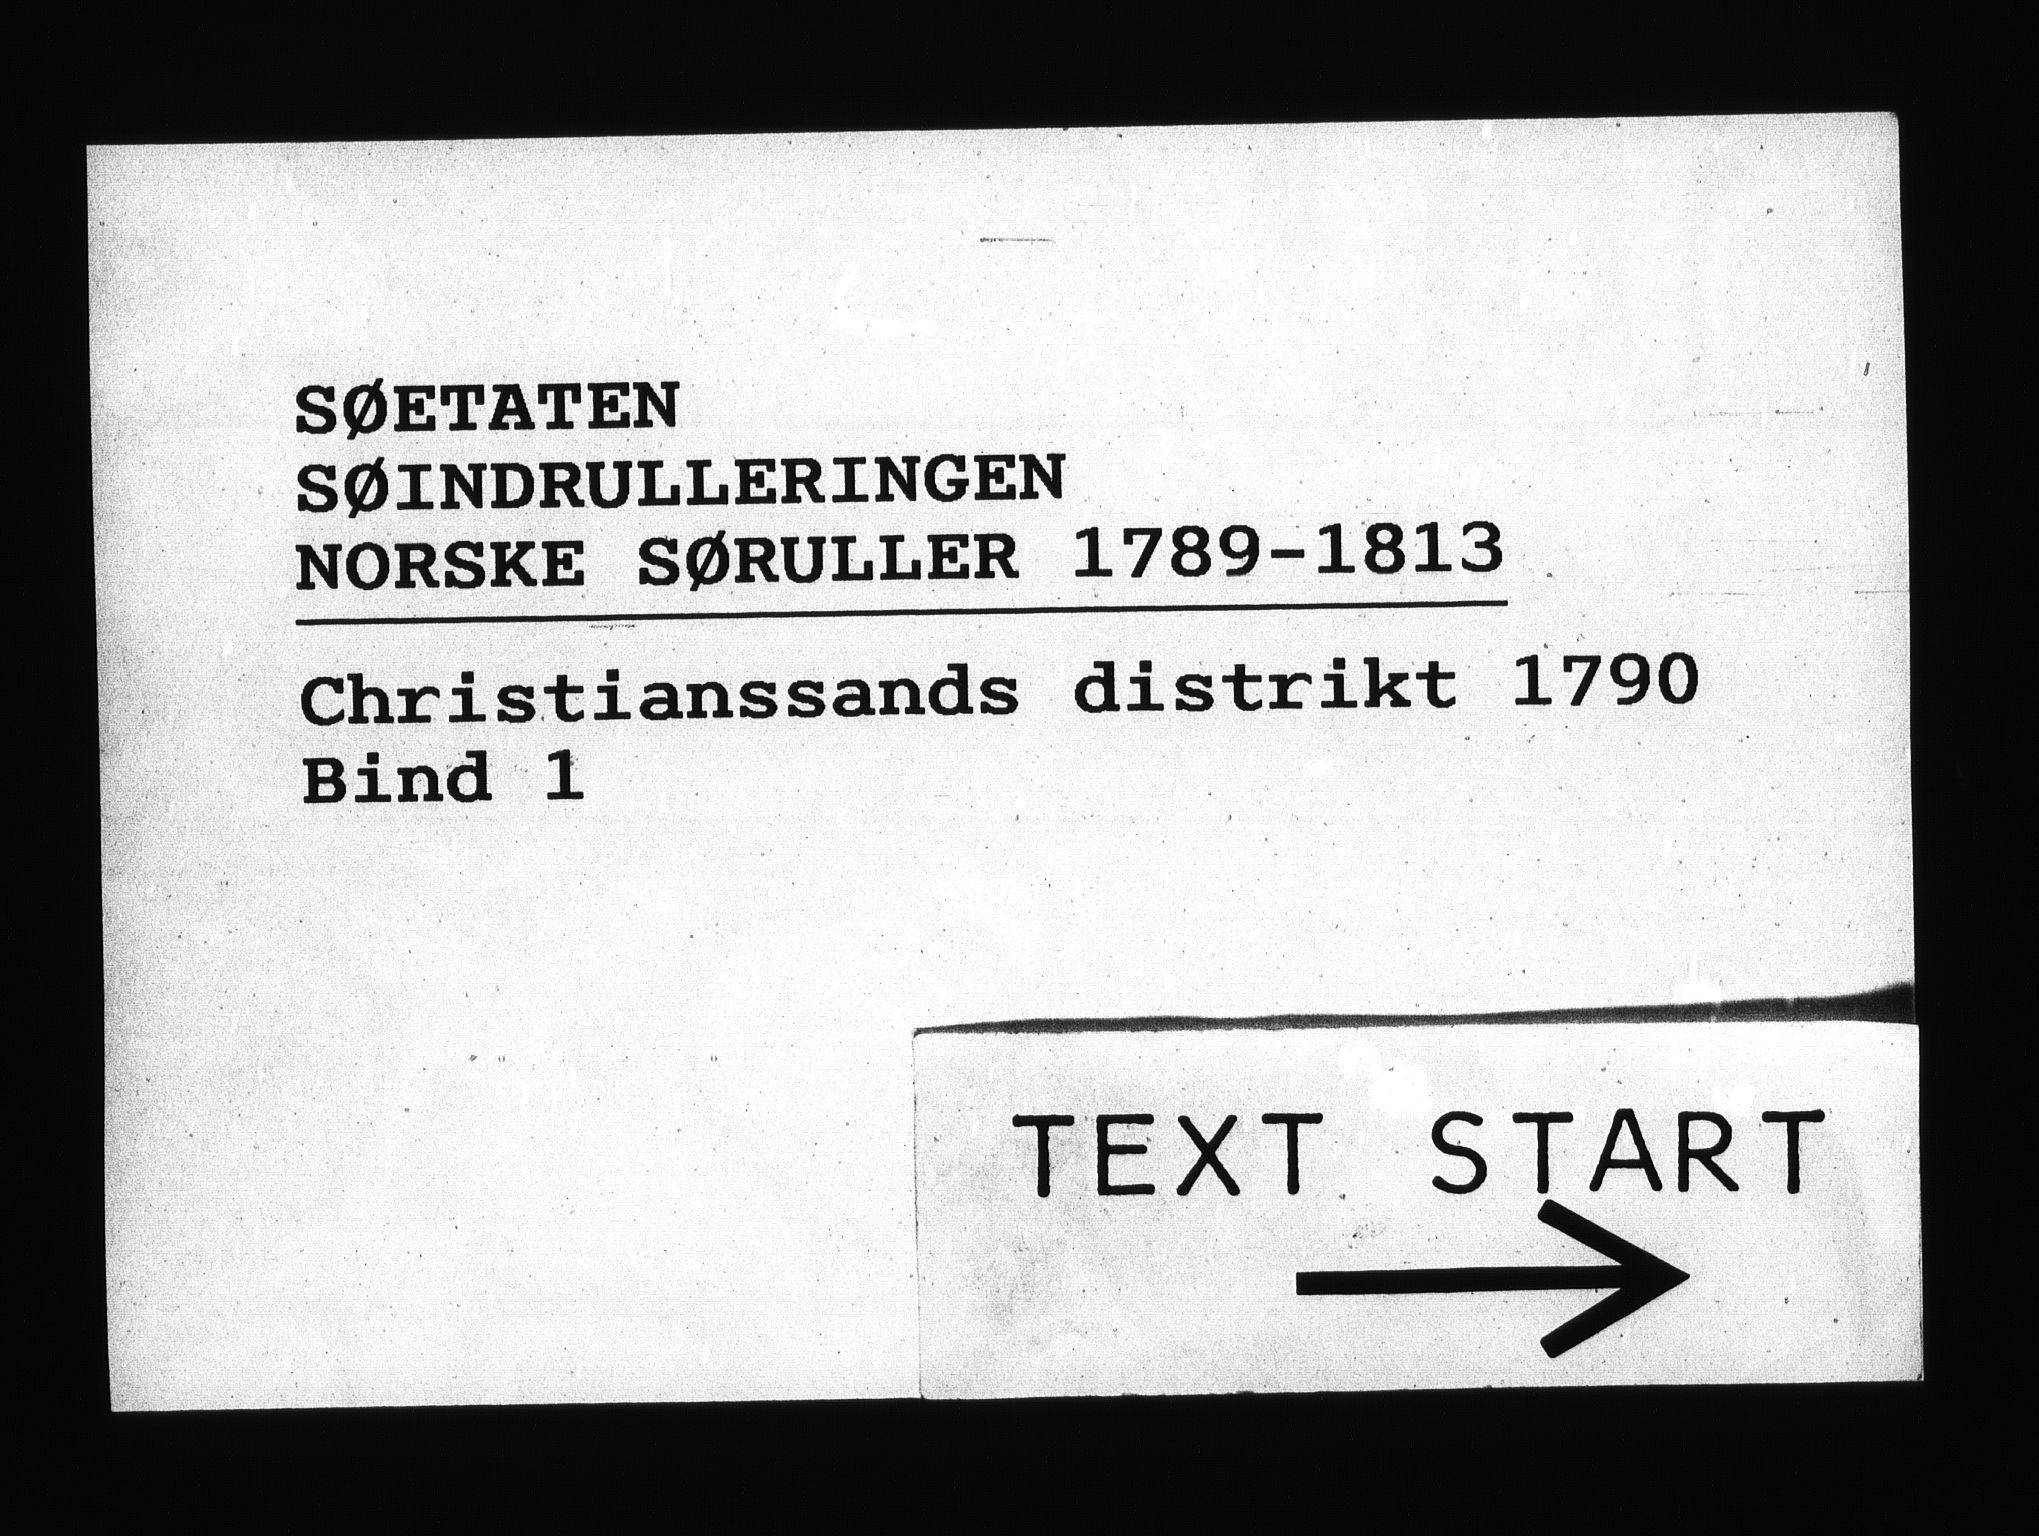 RA, Sjøetaten, F/L0014: Kristiansand distrikt, bind 1, 1790